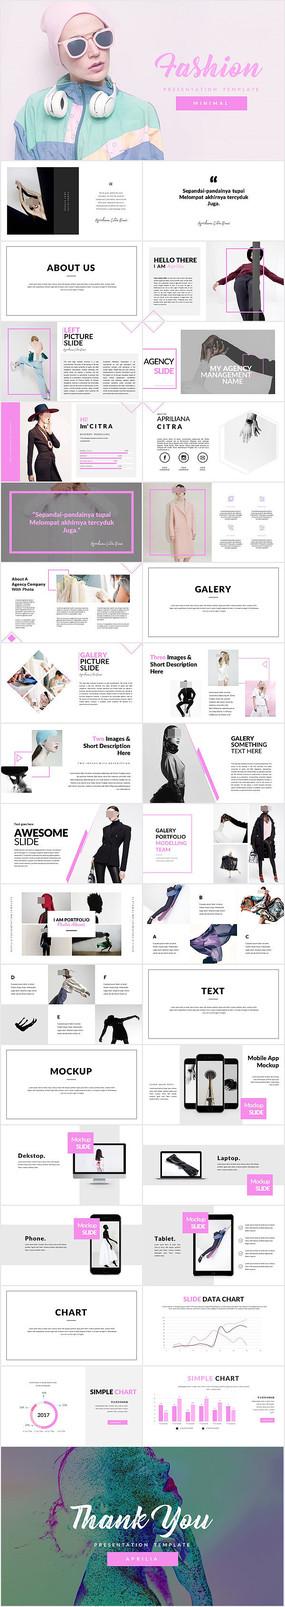 时尚风格创意杂志版式PPT pptx